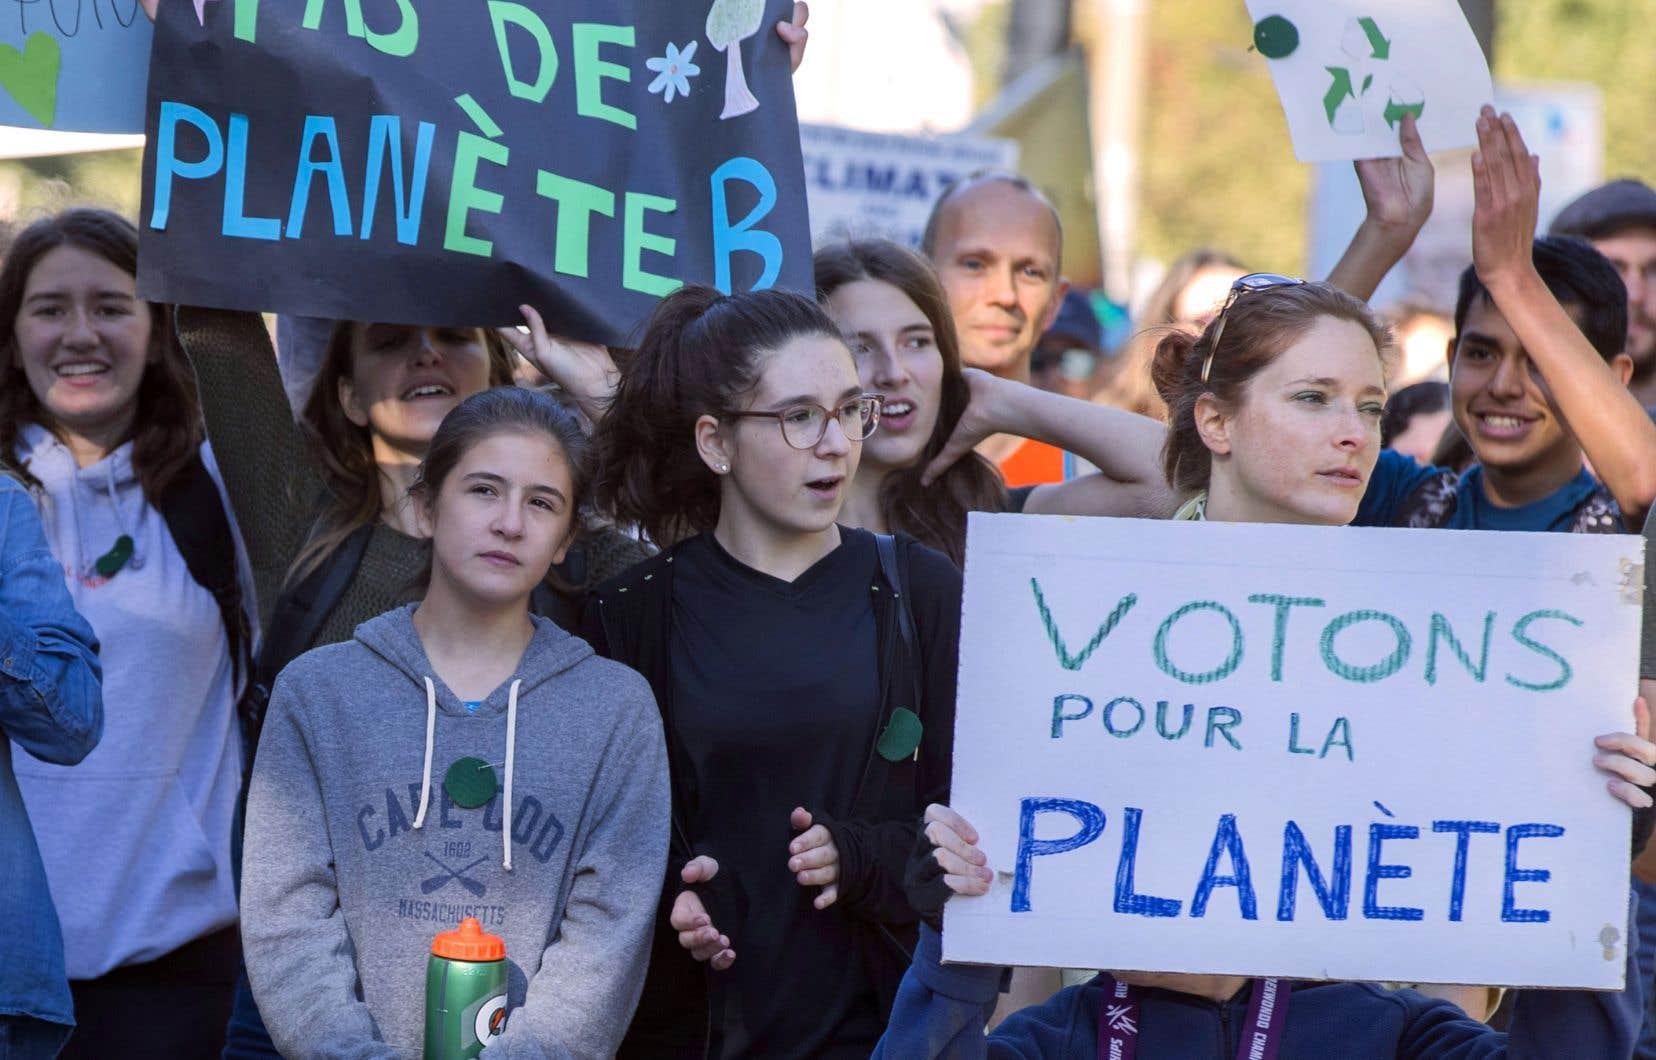 Le 8 septembre dernier, de nombreux jeunes avaient manifesté à Montréal lors de la marche planétaire pour le climat.